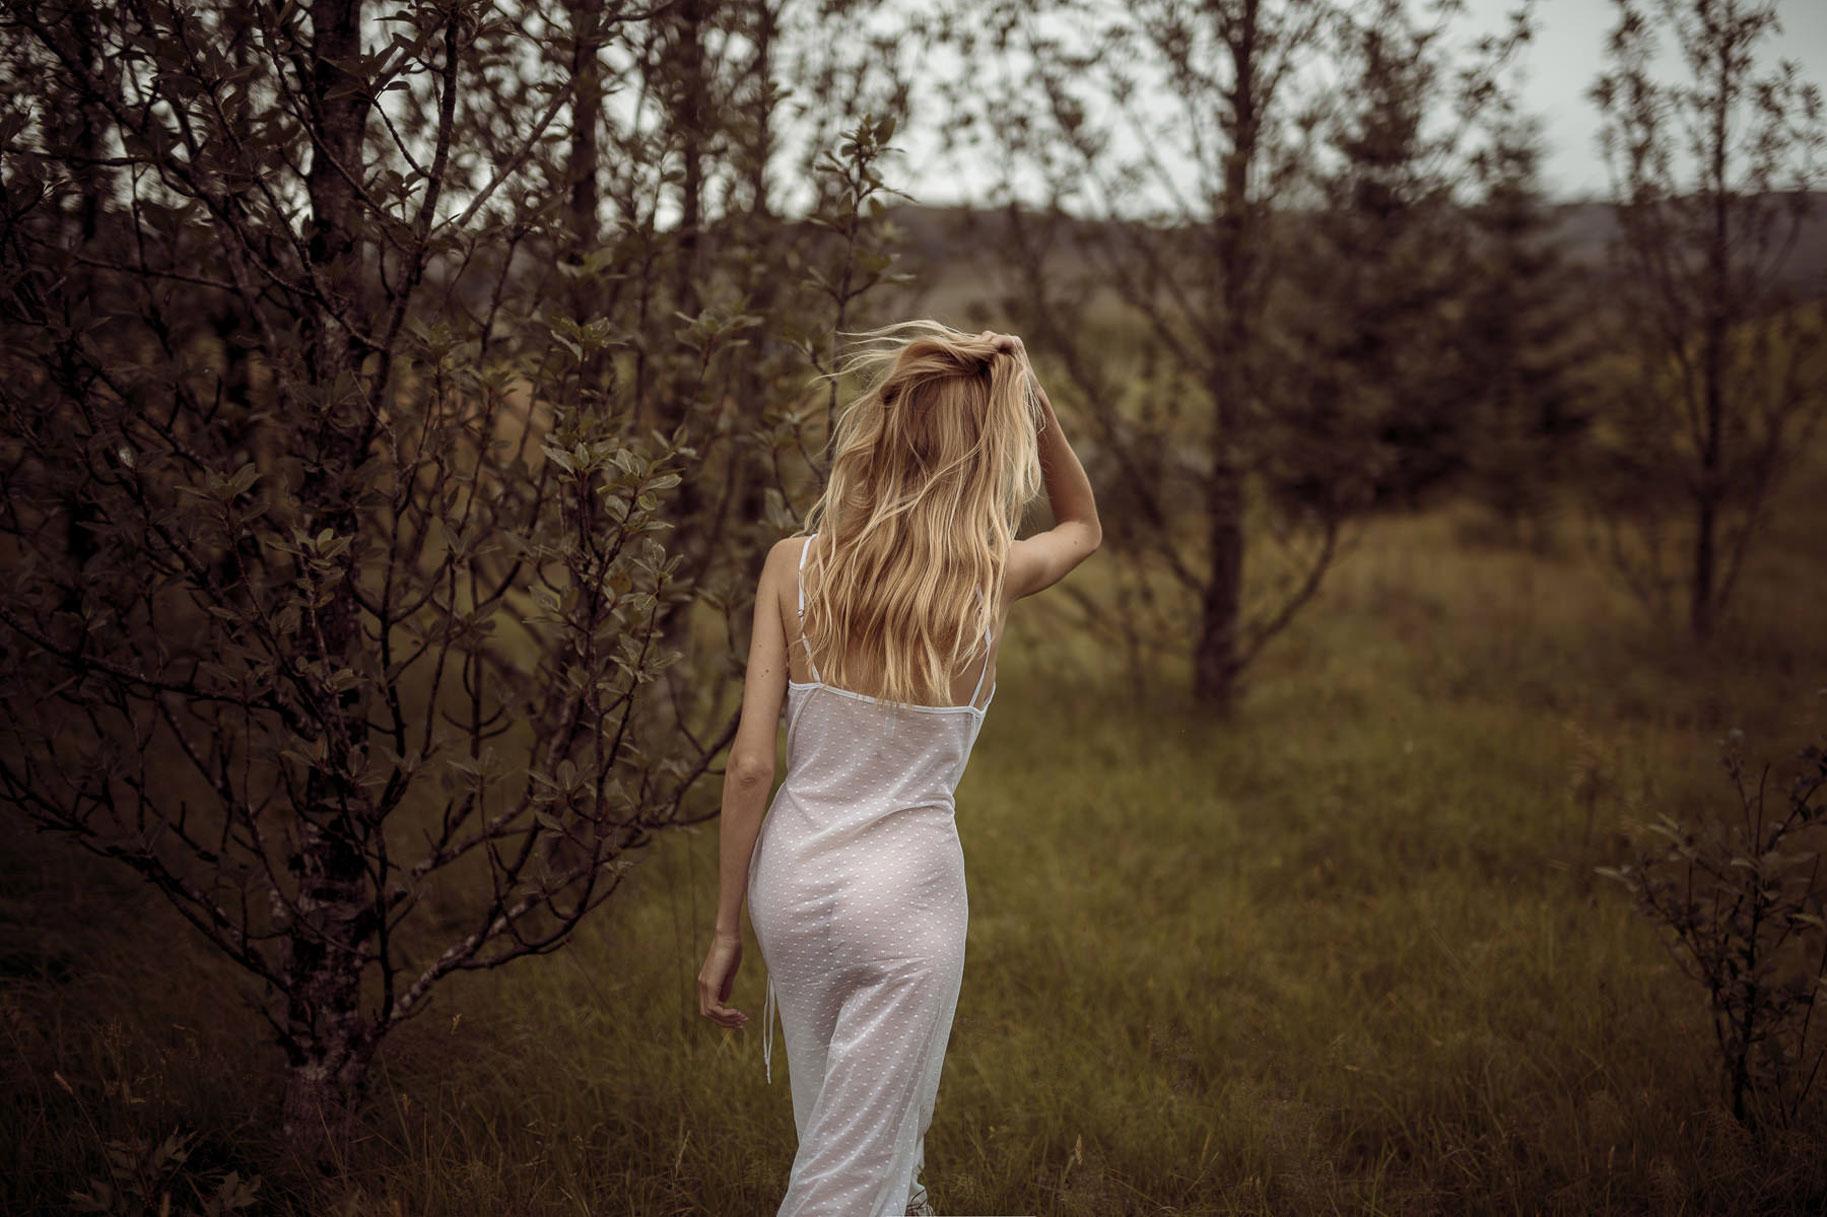 Яна Нагорняк гуляет по лесам и полям Исландии / фото 23